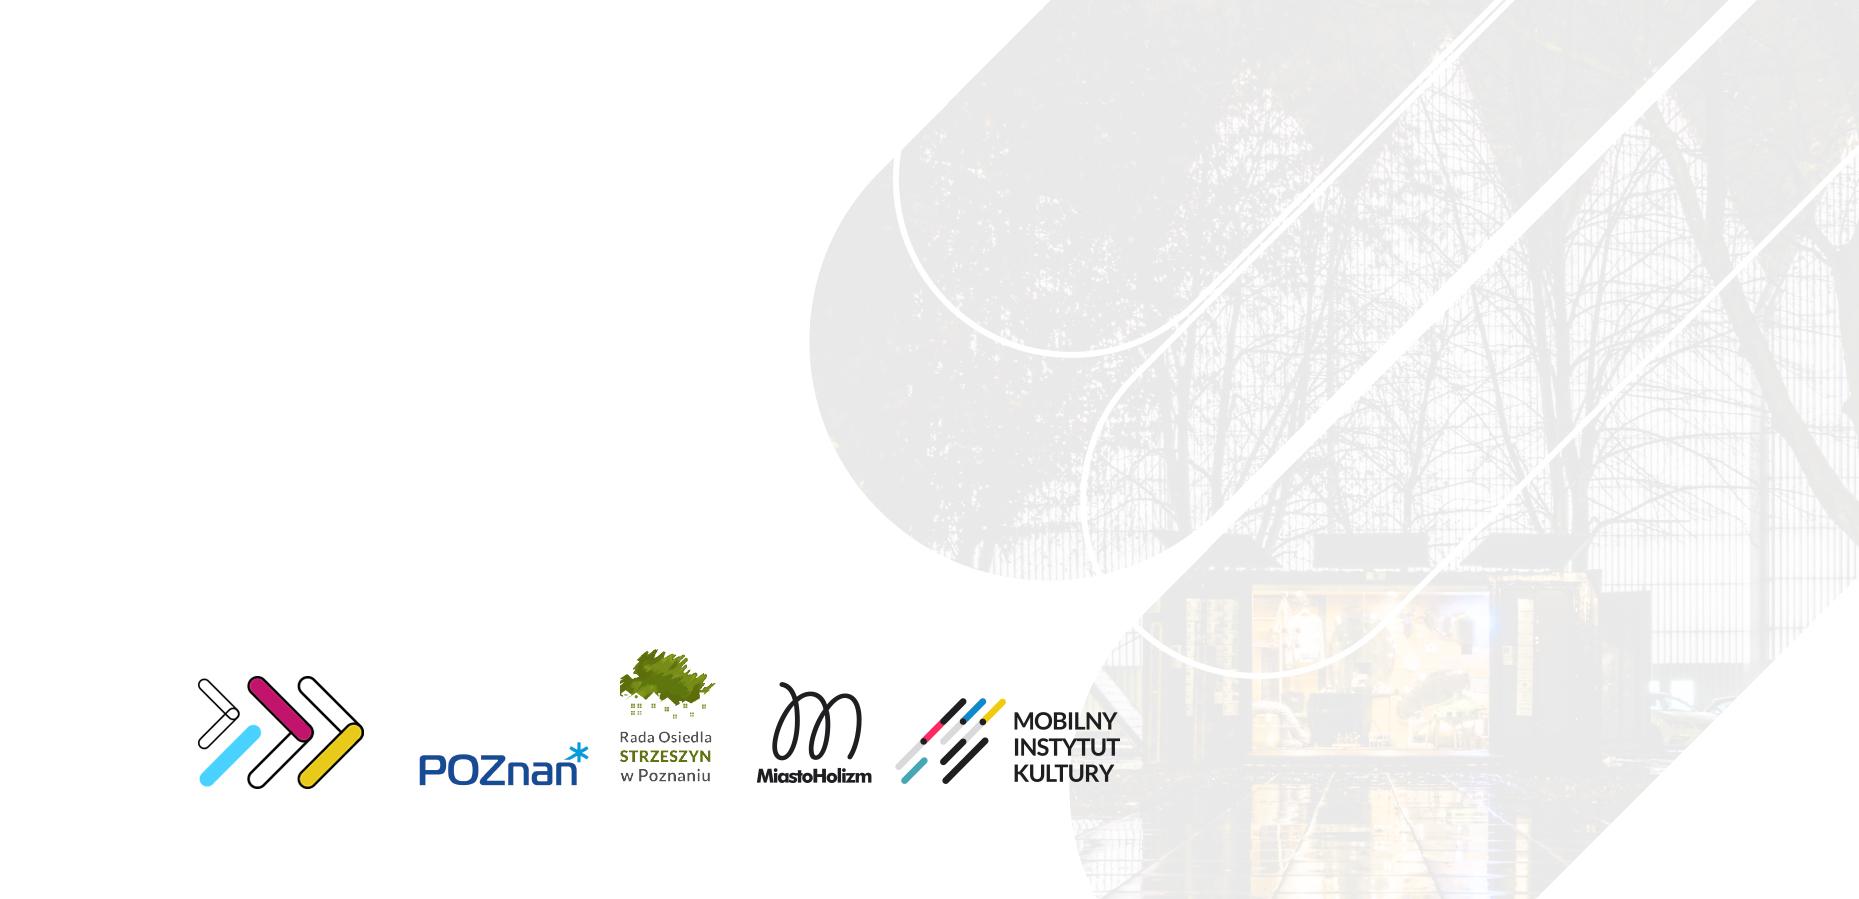 Mobilny Instytut Kultury na poznańskim Strzeszynie